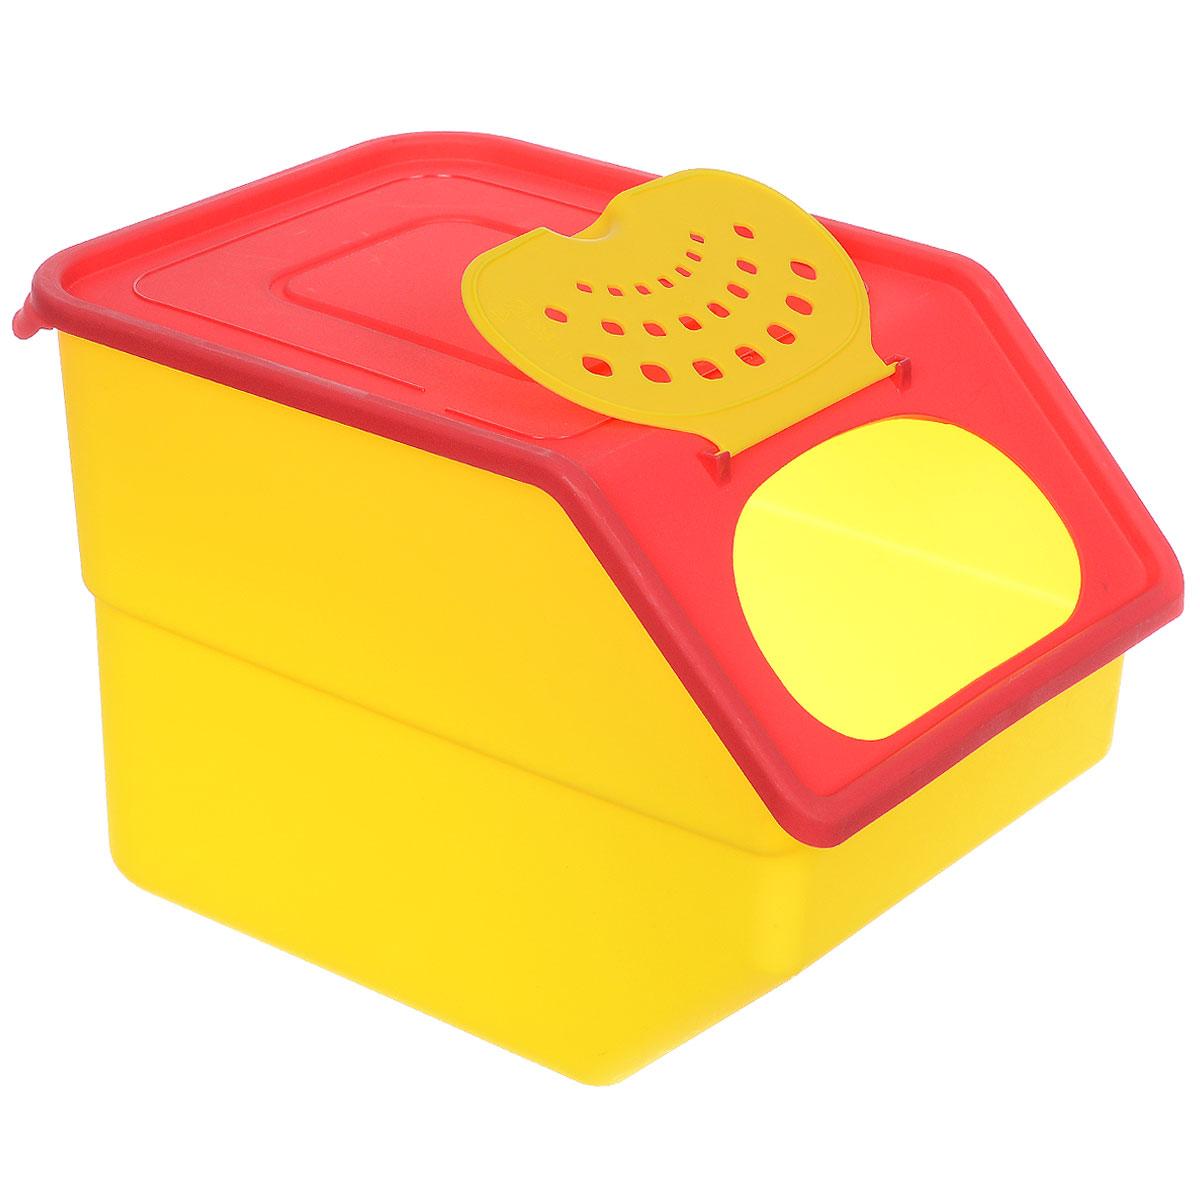 Контейнер для овощей Полимербыт Кухня, цвет: желтая крышка, красный, 11,2 лС82133 желтый, красныйПластиковый контейнер для овощей Полимербыт Кухня изготовлен таким образом, что позволяет овощам и фруктам дышать, обеспечивая их длительную свежесть. Изделие легкое и компактное, в то же время вместительное, прекрасно впишется в пространство вашей кухни.